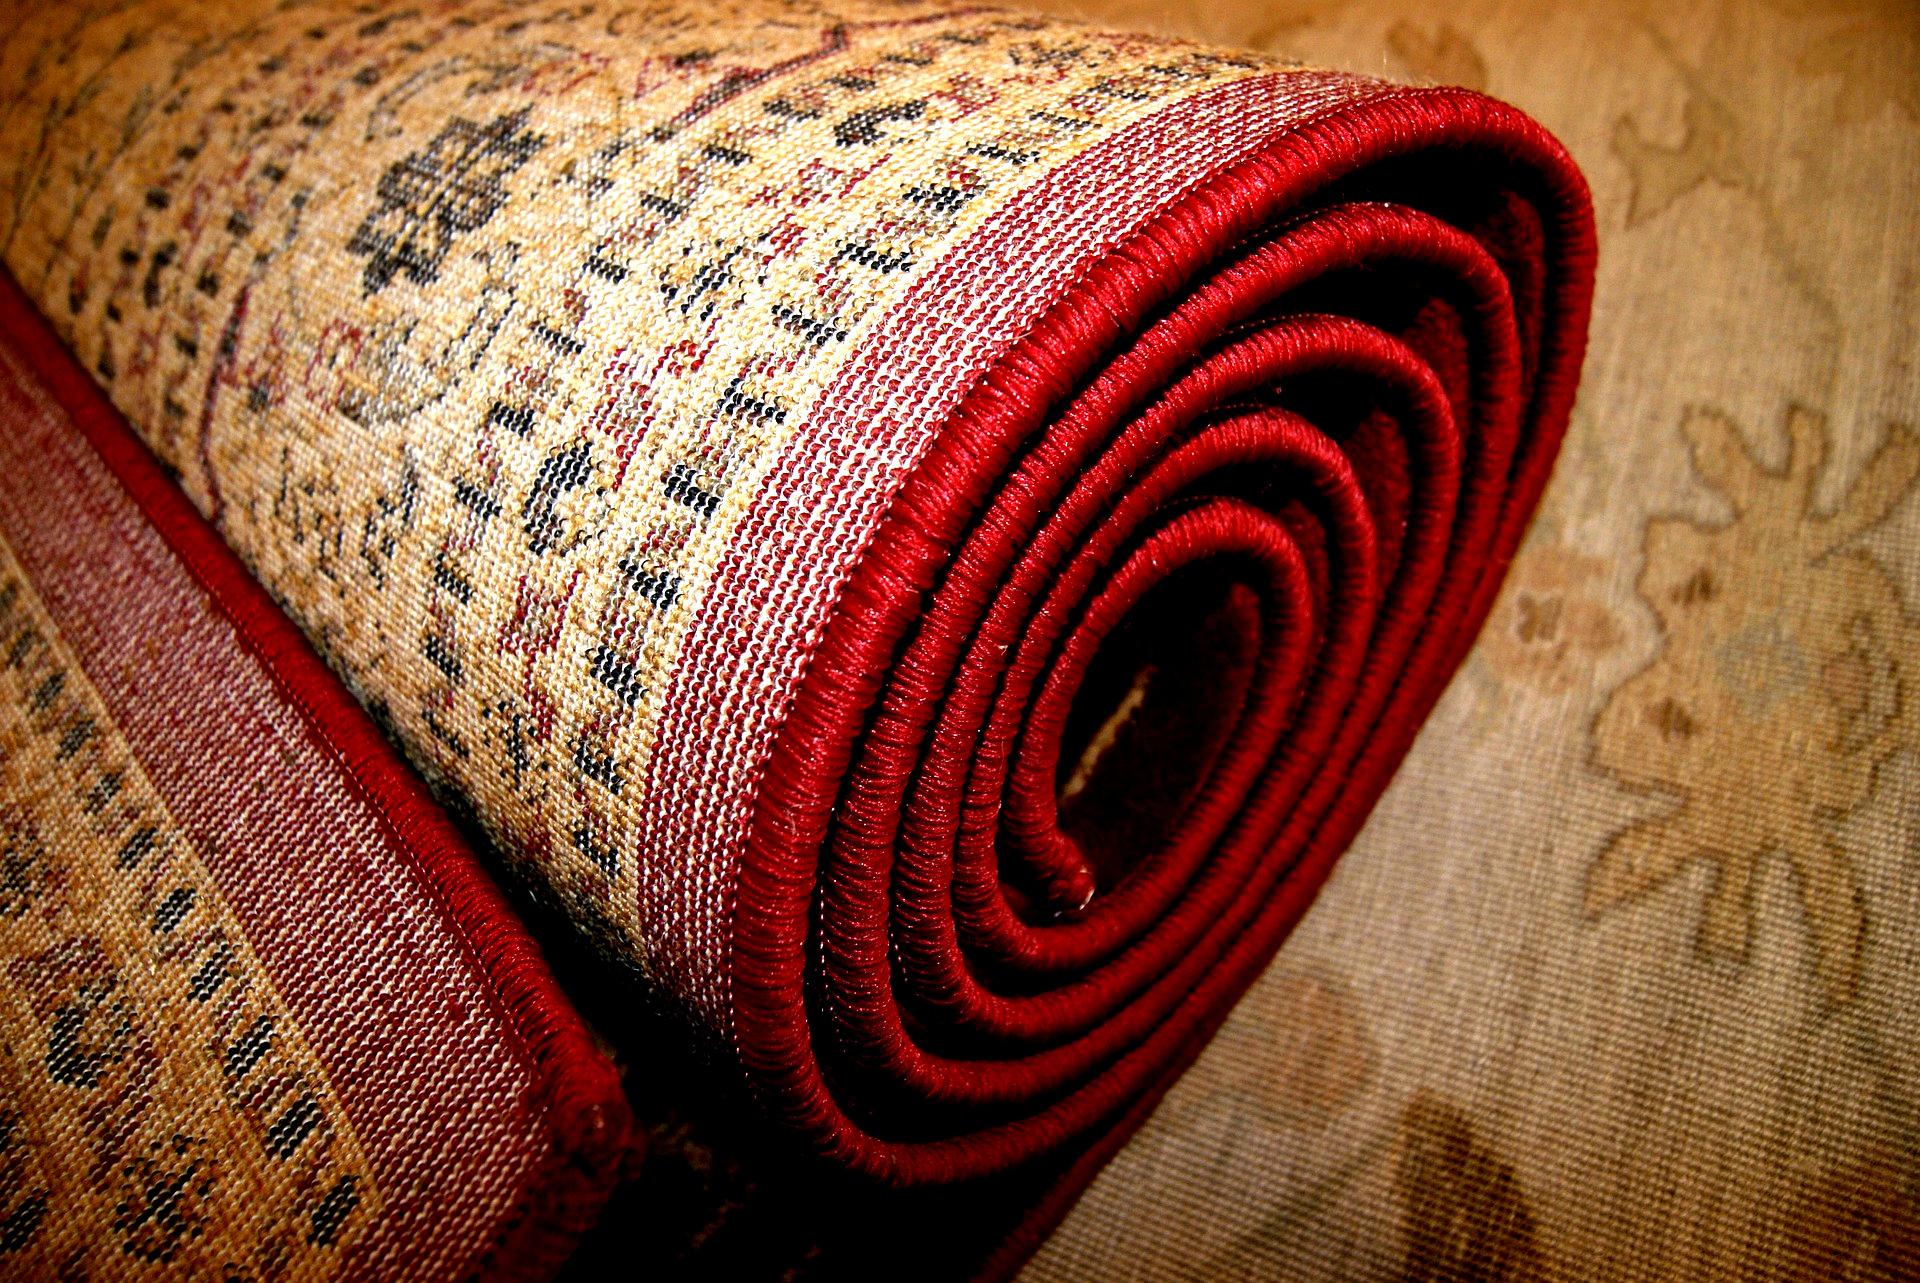 Teppichbodenreinigung/Teppichreinigung in Detmold